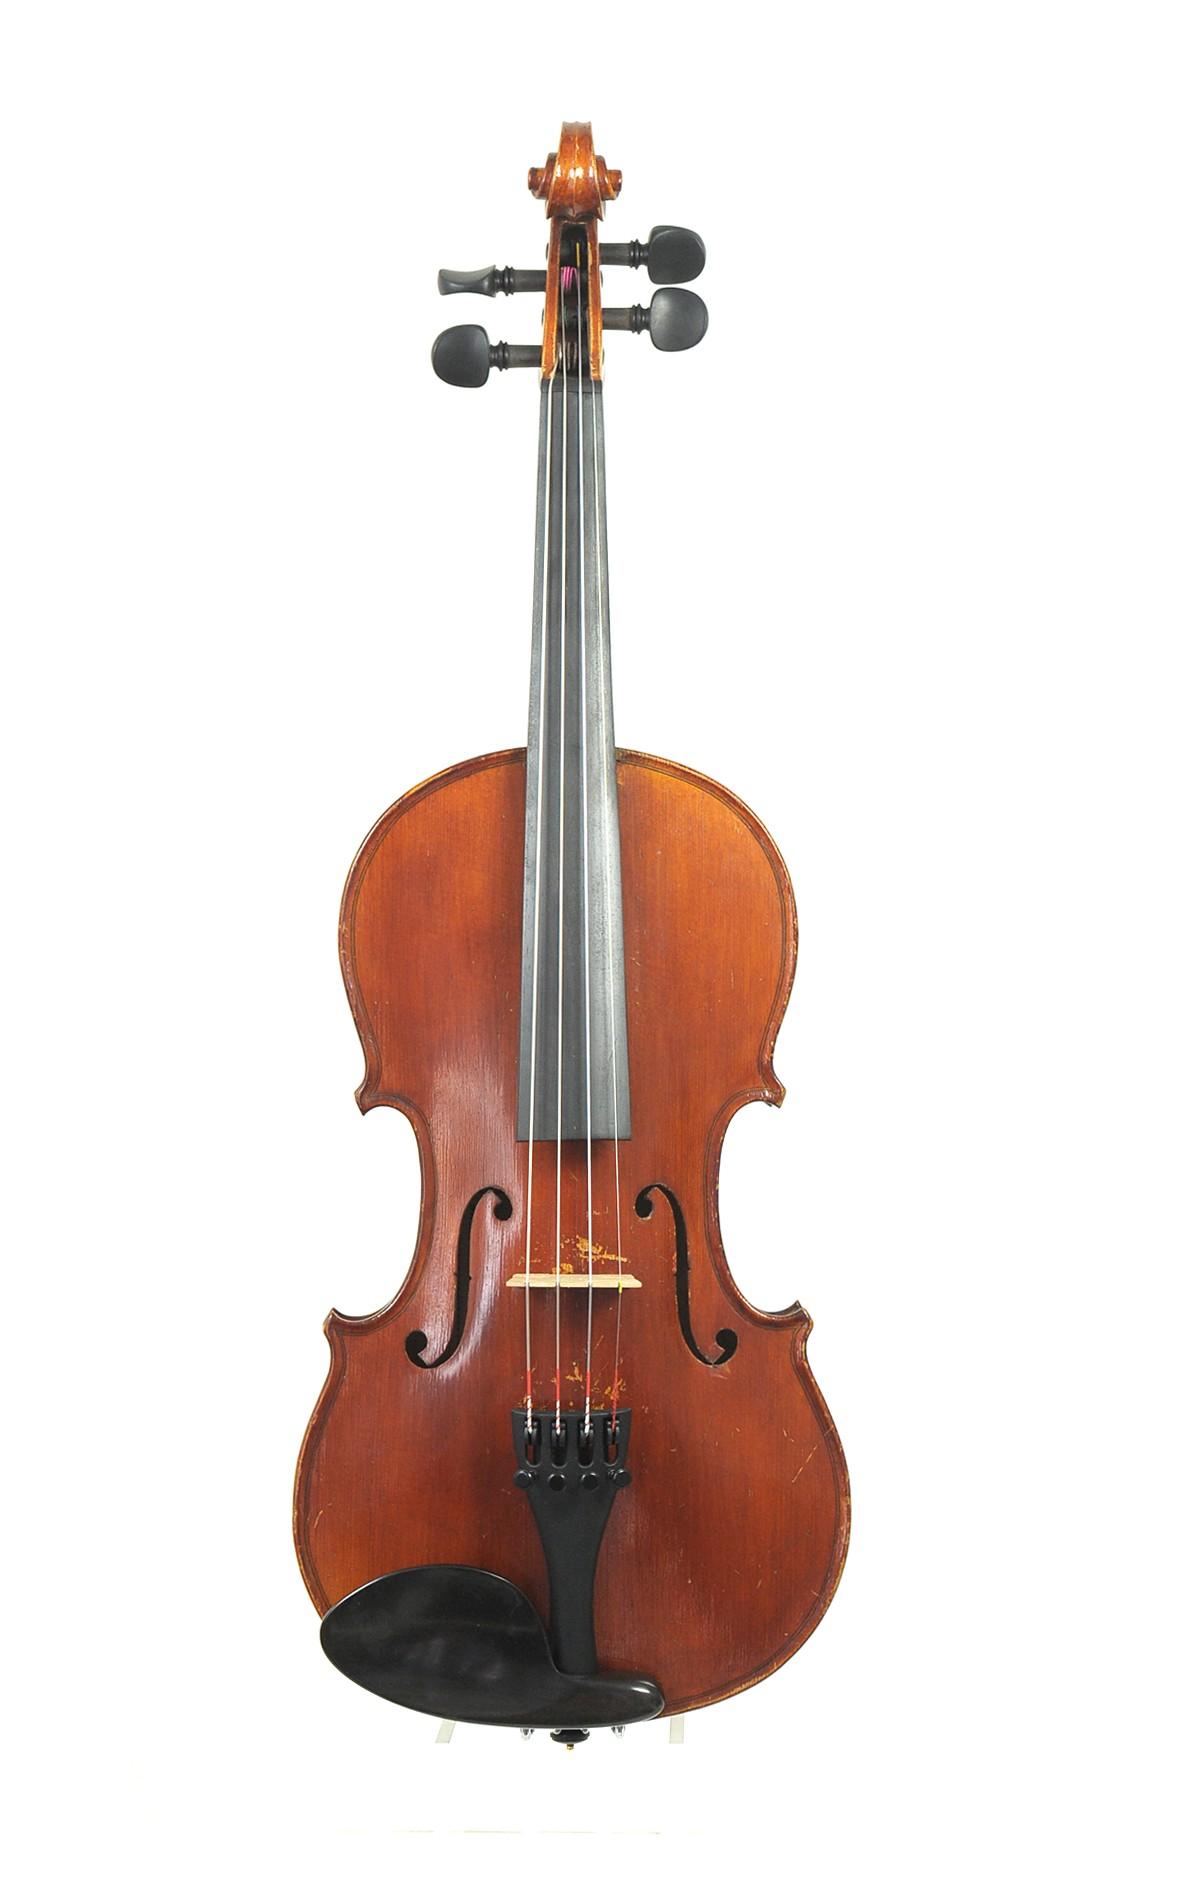 antique quarter-sized Mittenwald violin, Lager Eugen Gärtner - spruce top